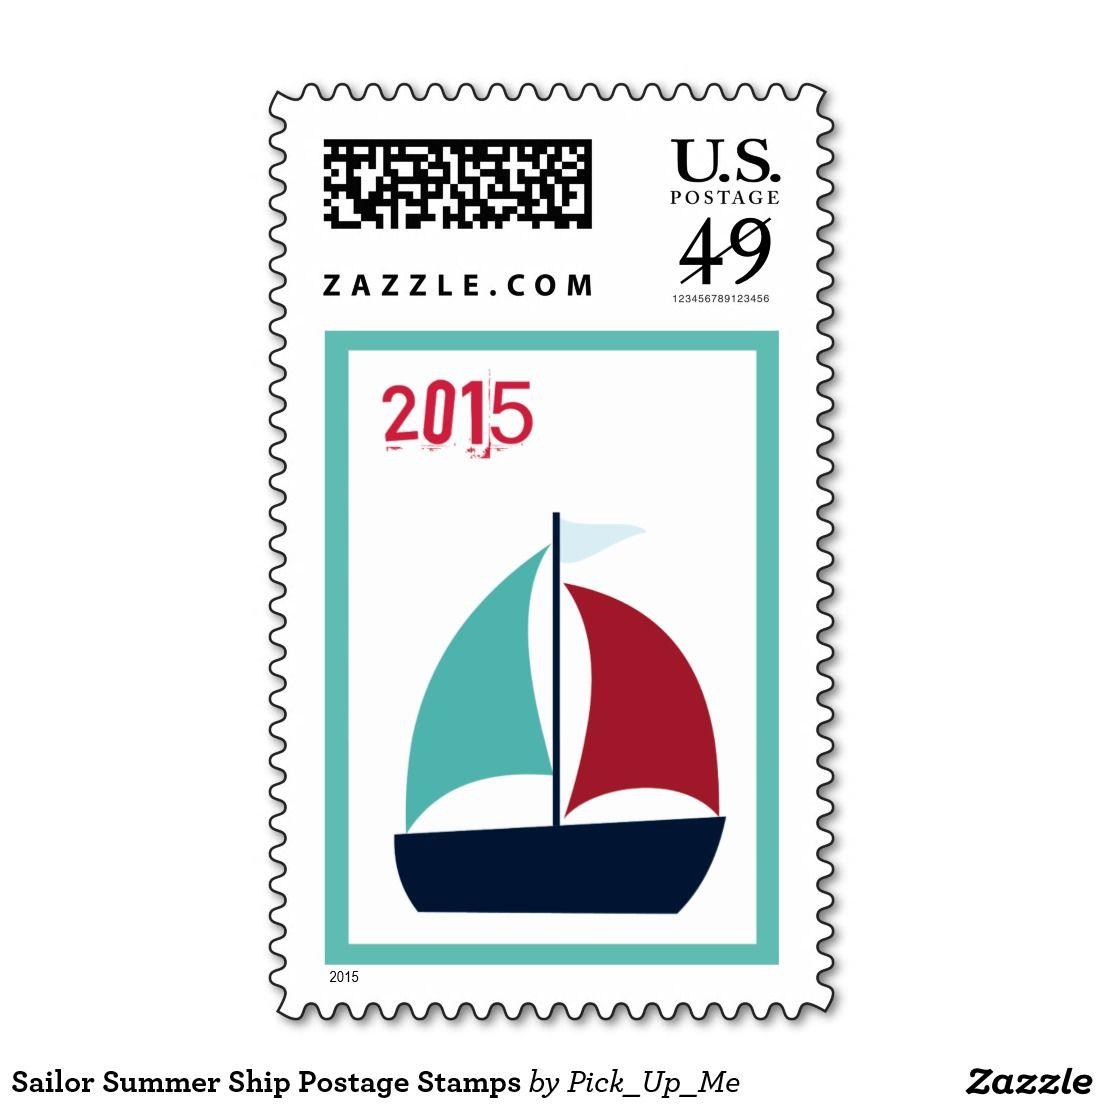 Sailor Summer Ship Postage Stamps